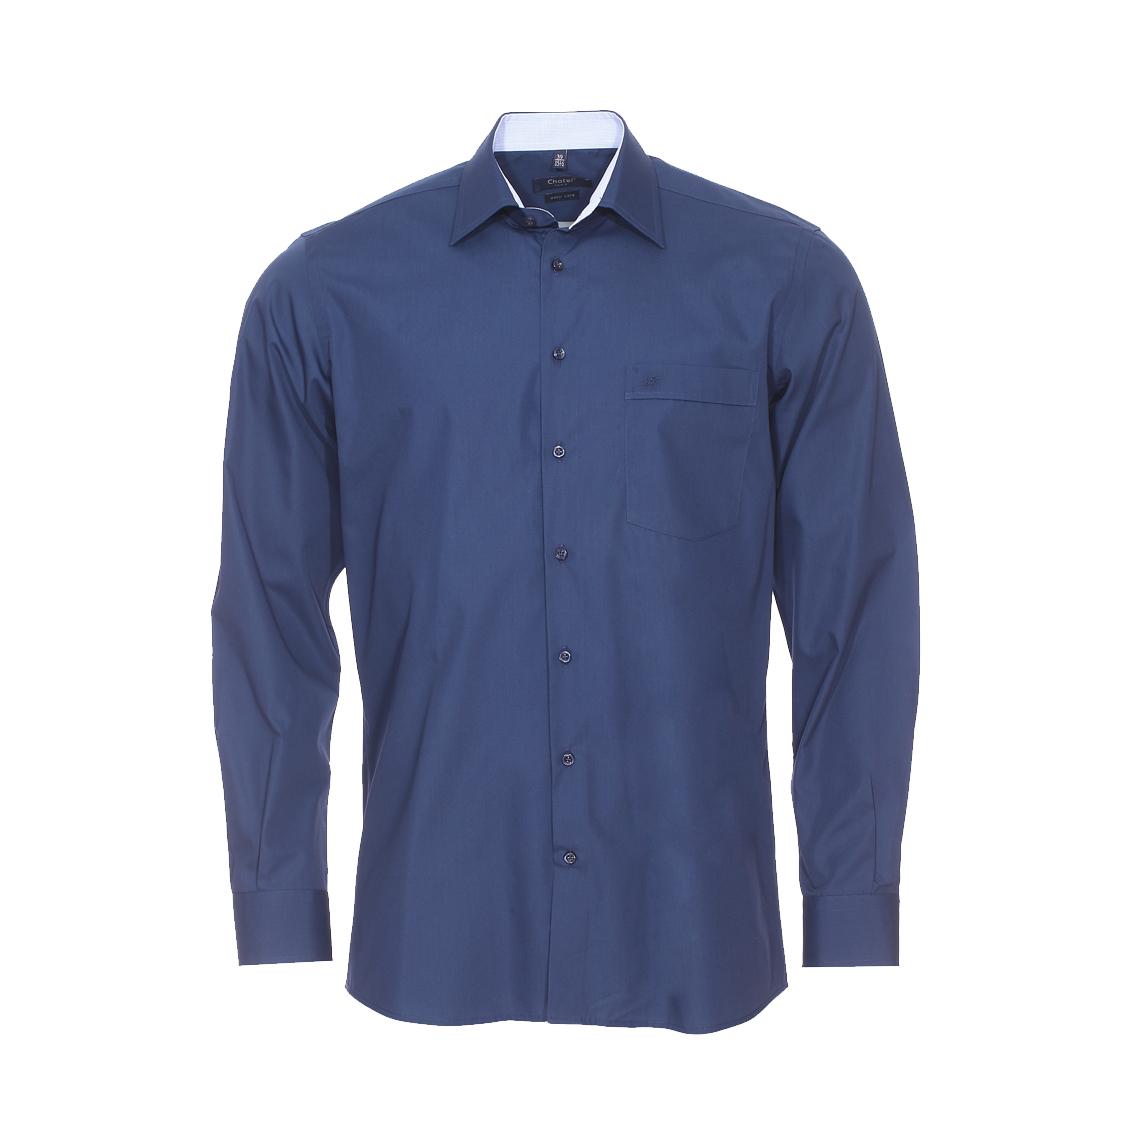 Chemise droite jean chatel bleu marine à opposition à carreaux, repassage facile